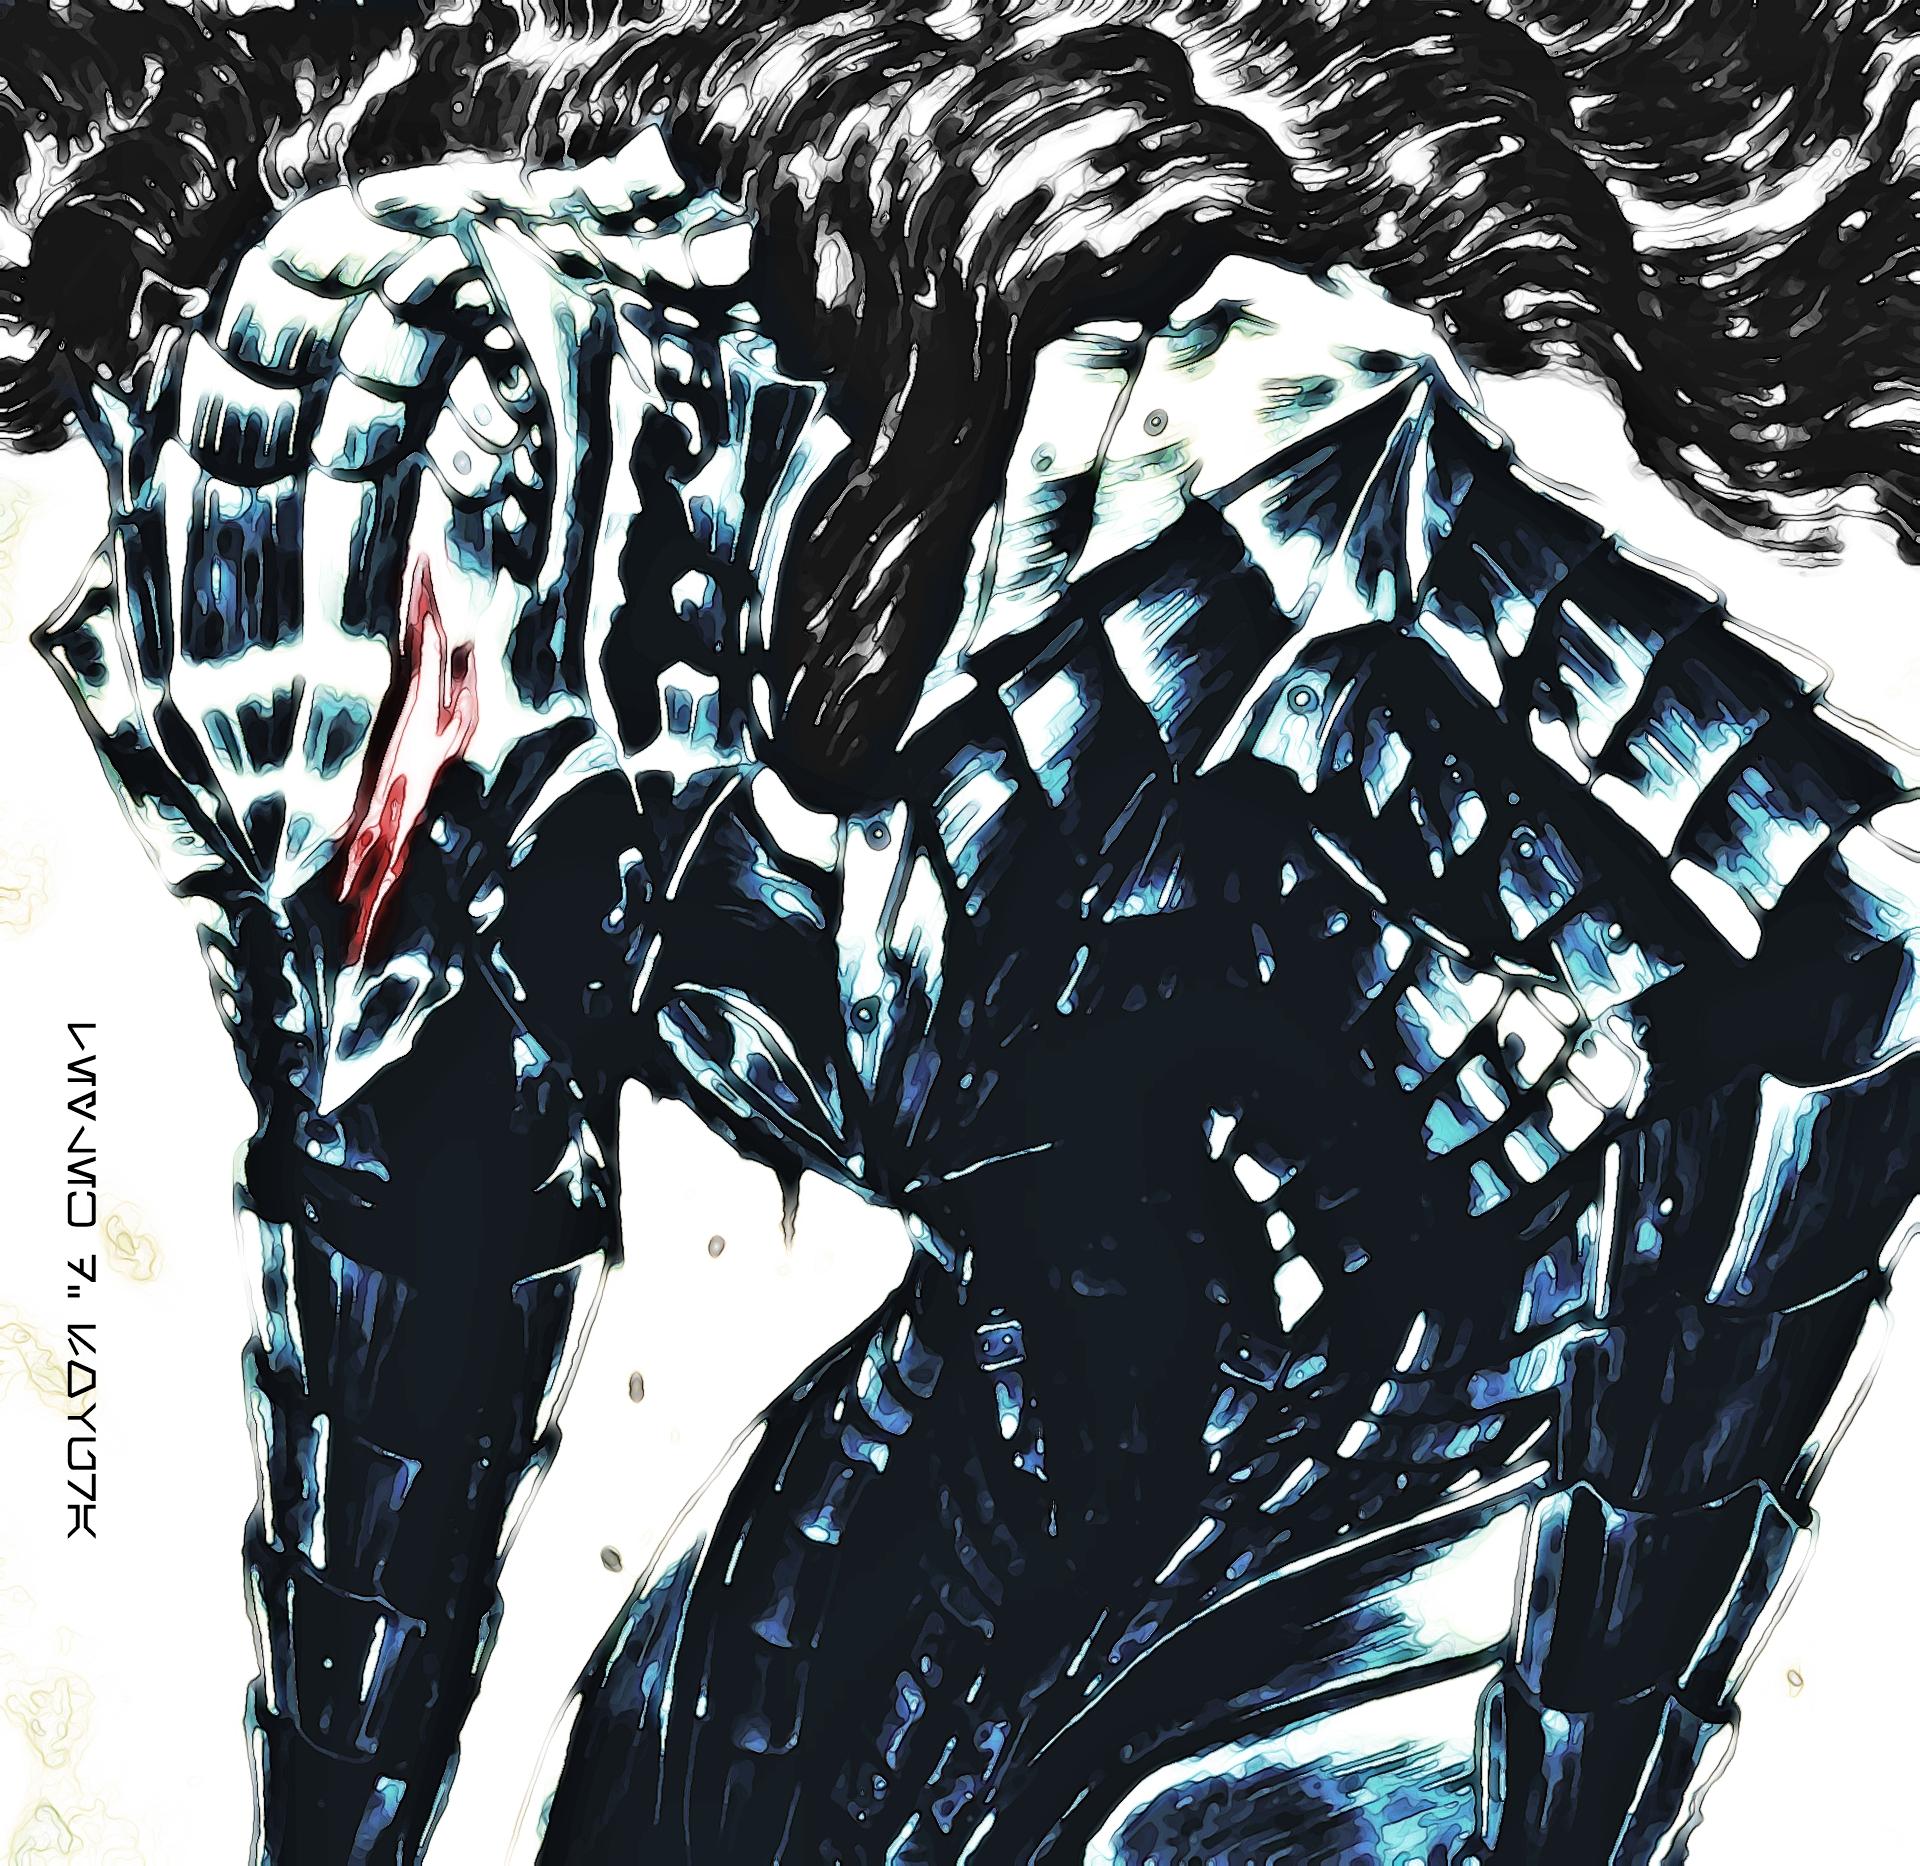 Leylek D Sovura Artwork Berserk Guts Black Knight Kentaro Miura Black Swordsman 1920x1866